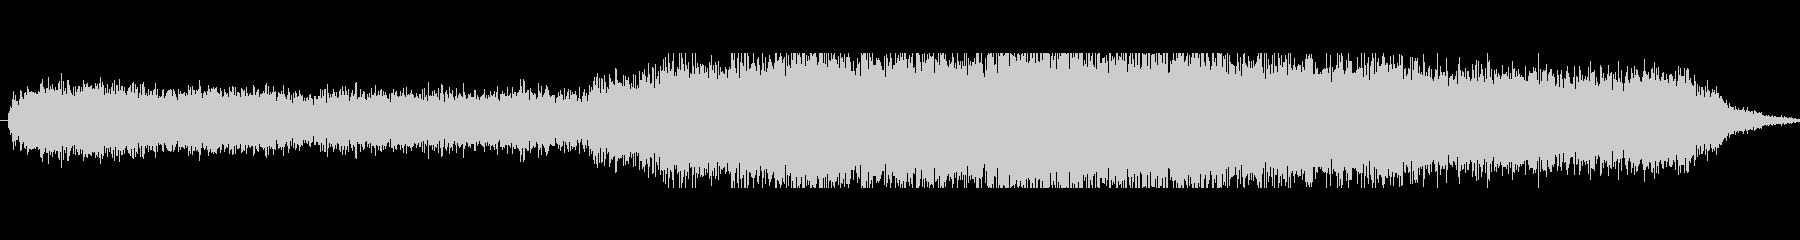 ヒューシュフランジ気流の未再生の波形